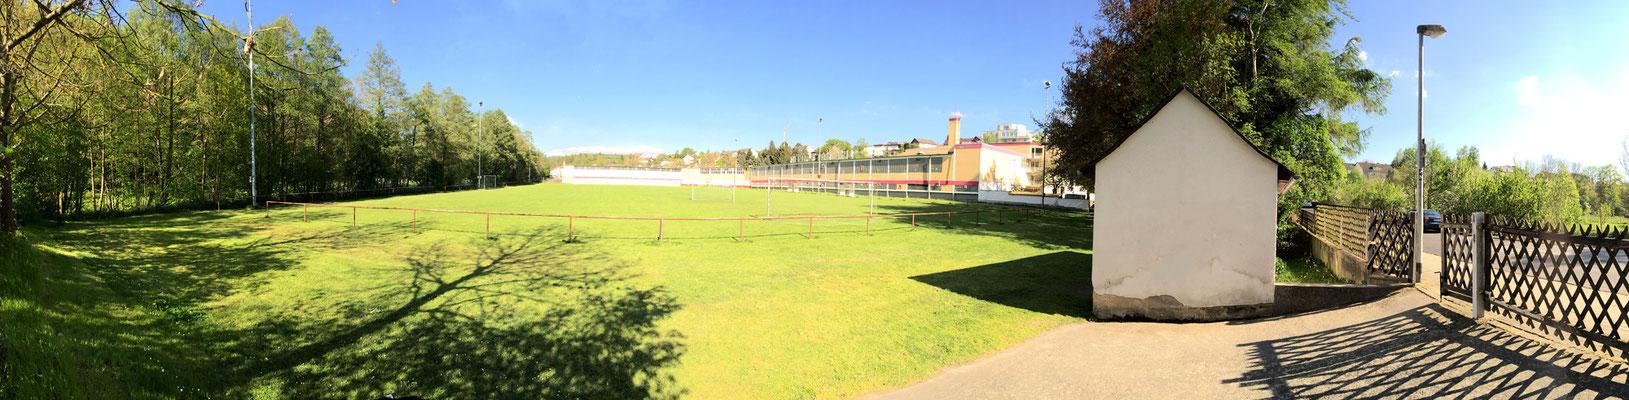 Panorama der Anlage